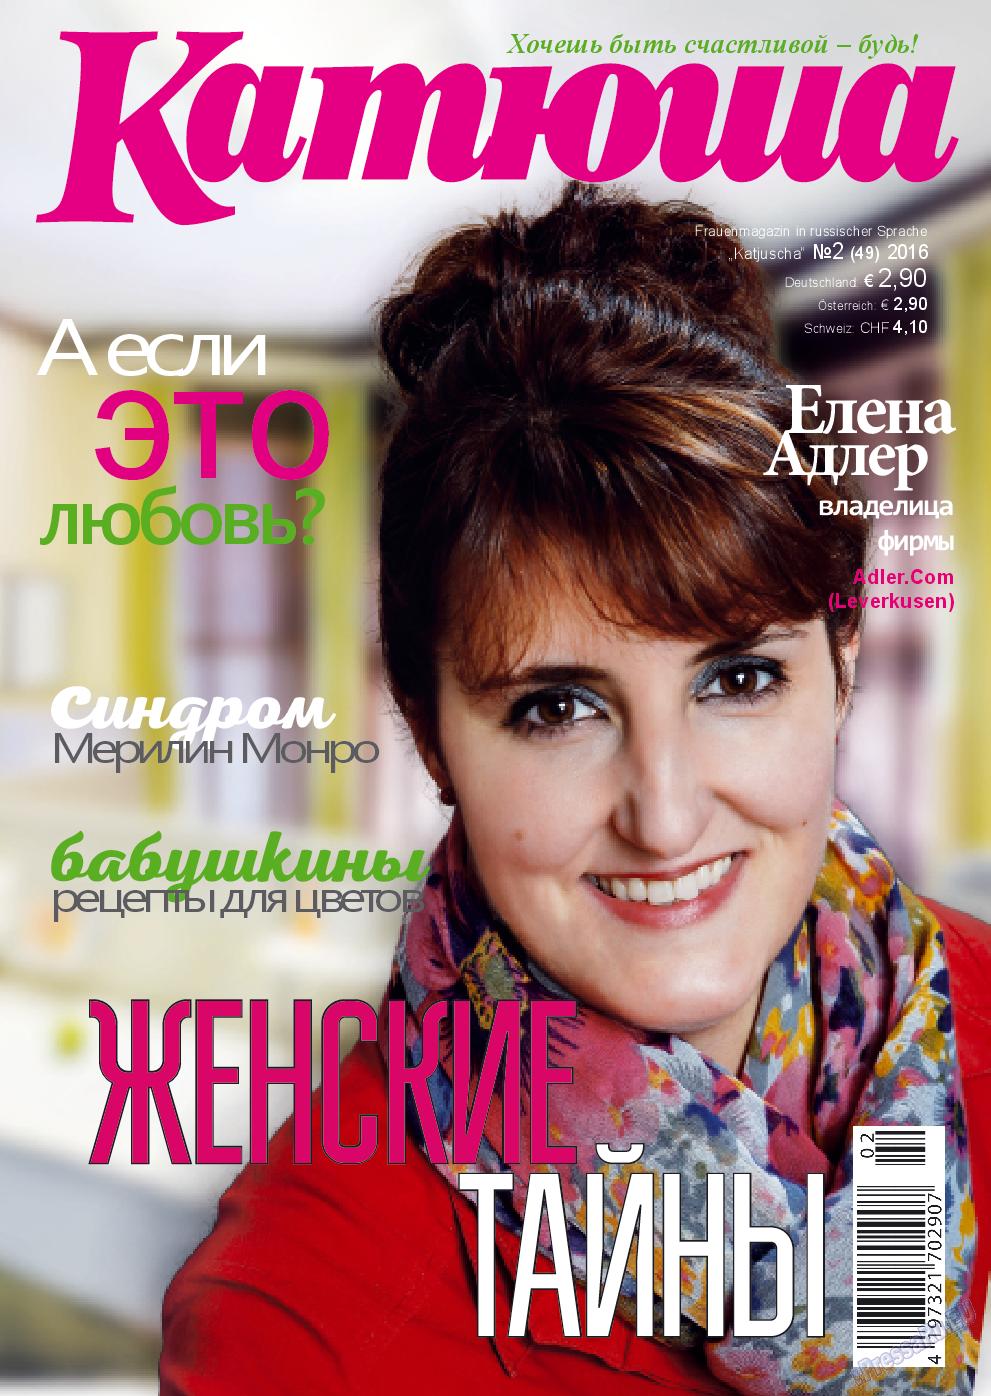 Катюша (журнал). 2016 год, номер 49, стр. 1